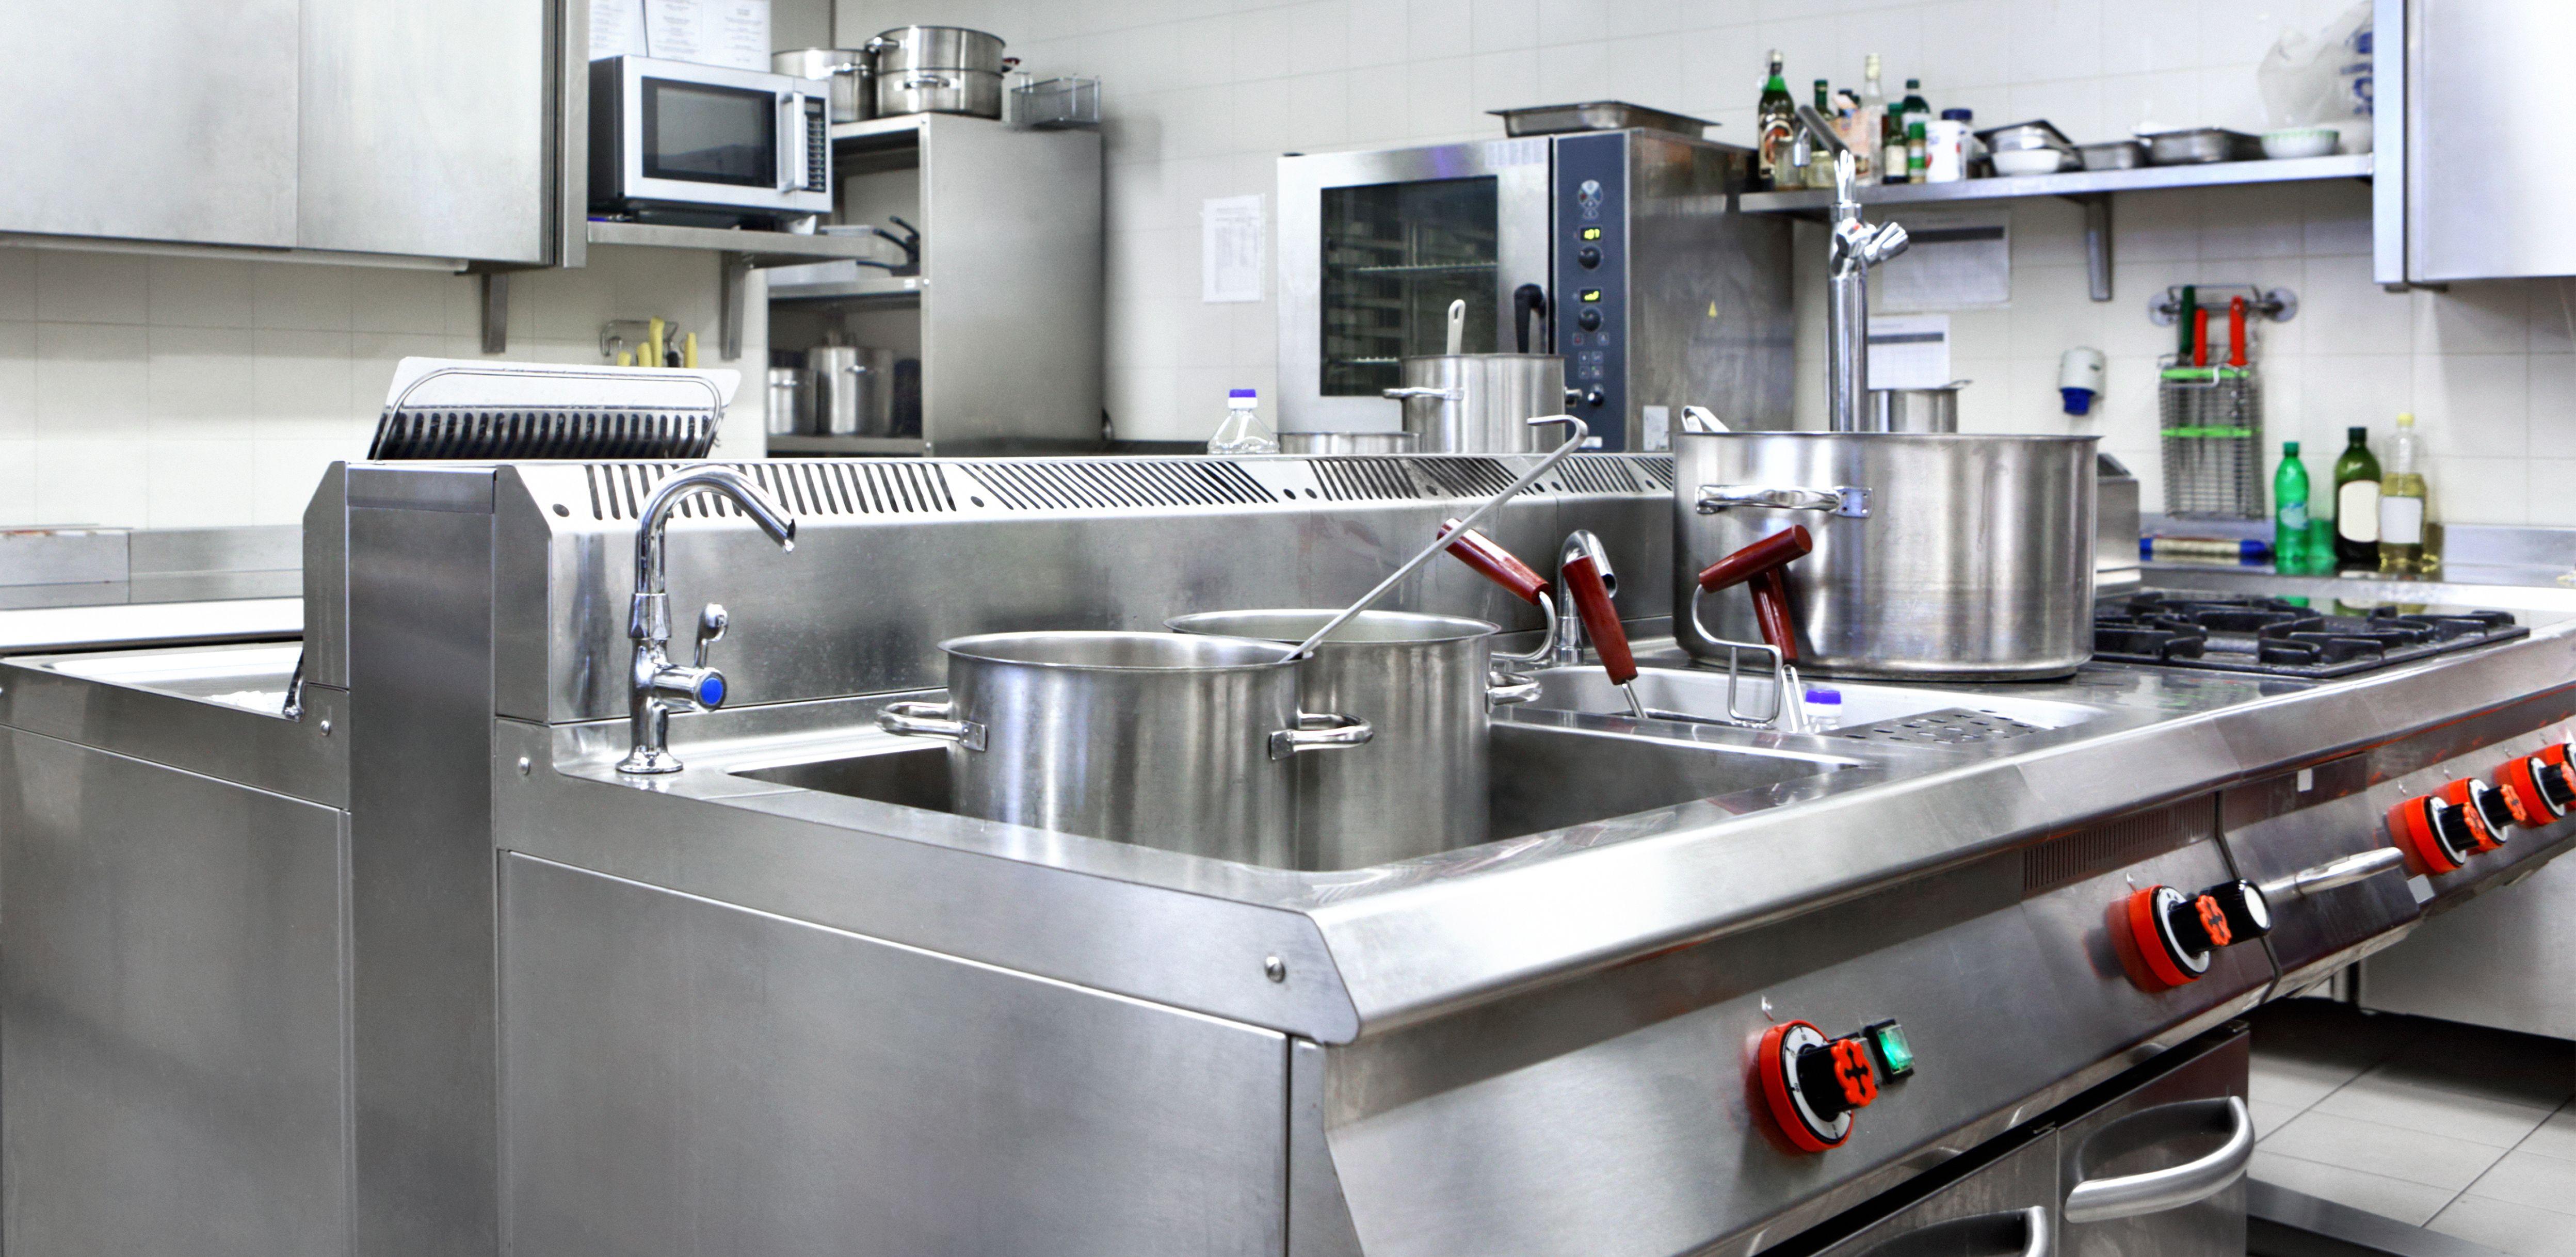 Nuestras máquinas y electrodomésticos para hostelería industrial: Estas son las razones de Sercomt Canarias